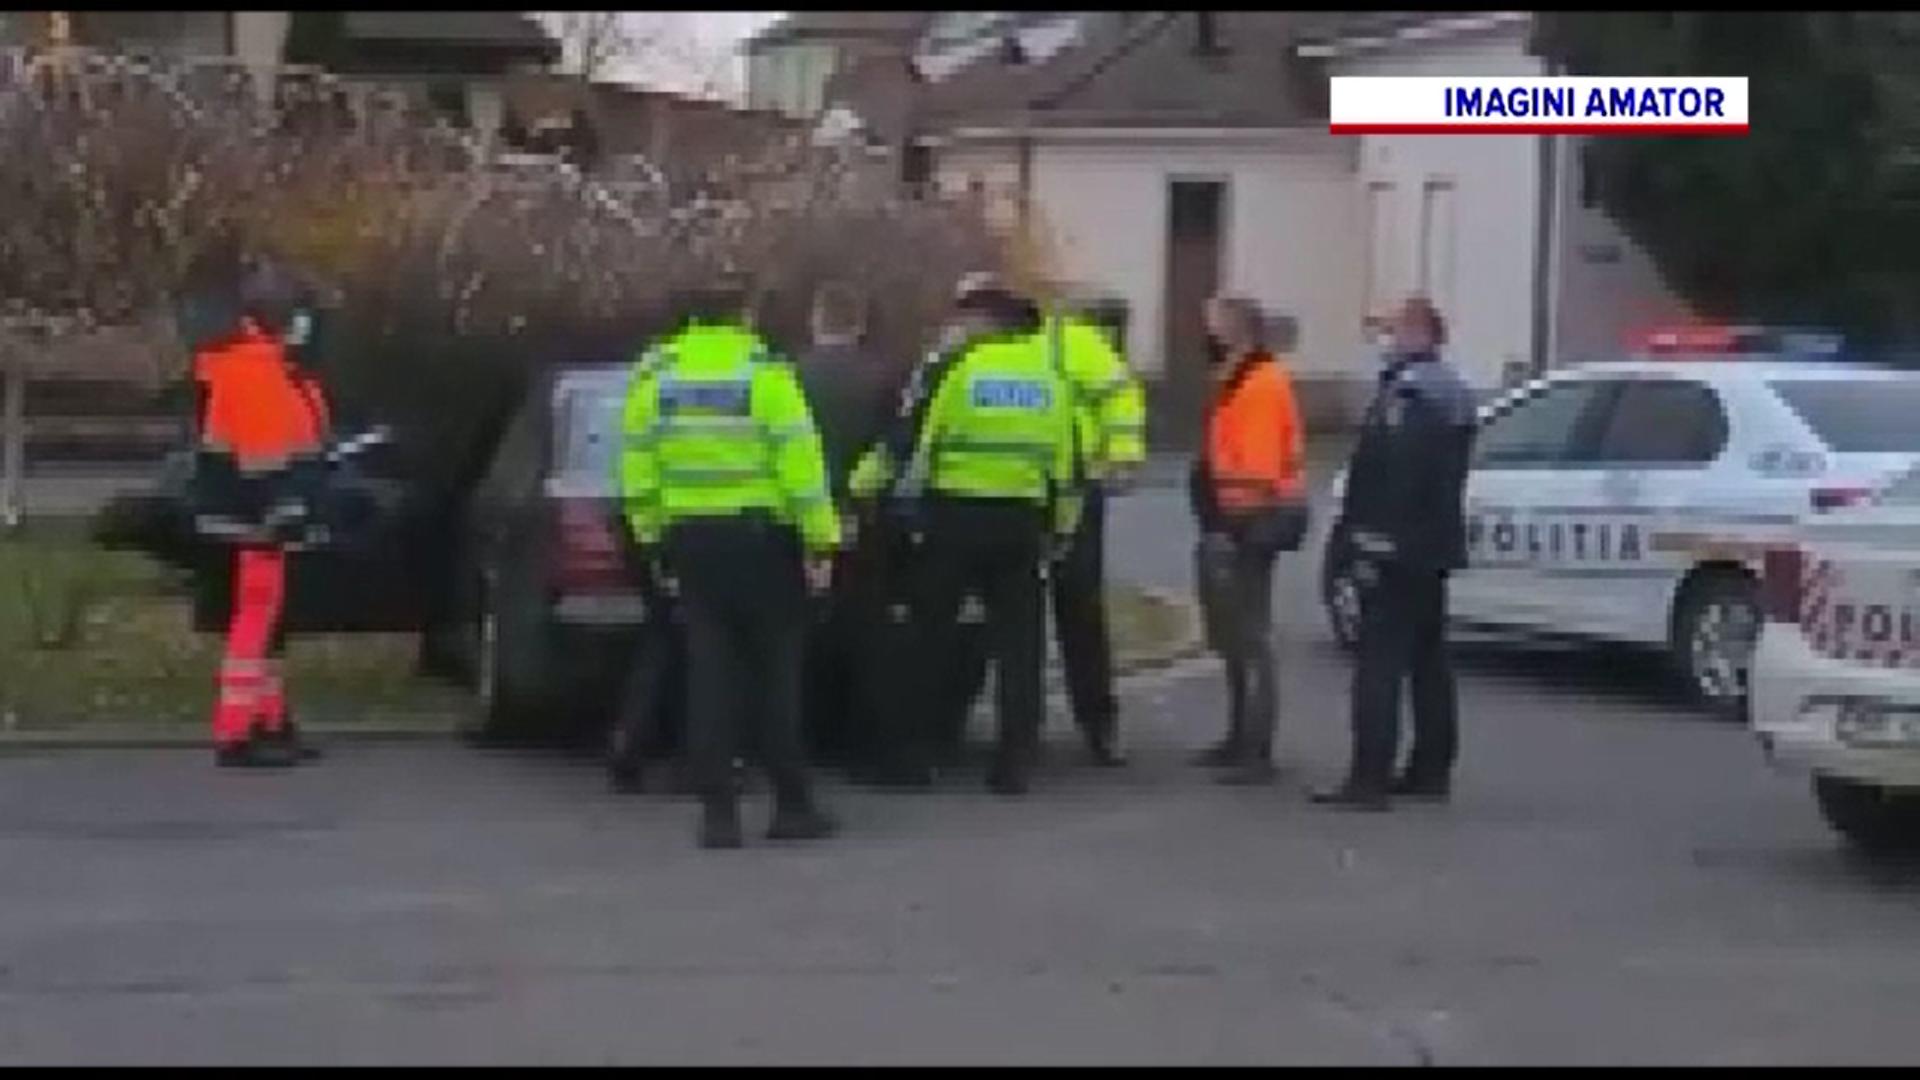 Un șofer drogat și fără permis a intrat cu mașina într-un copac aflat într-o intersecție din Arad